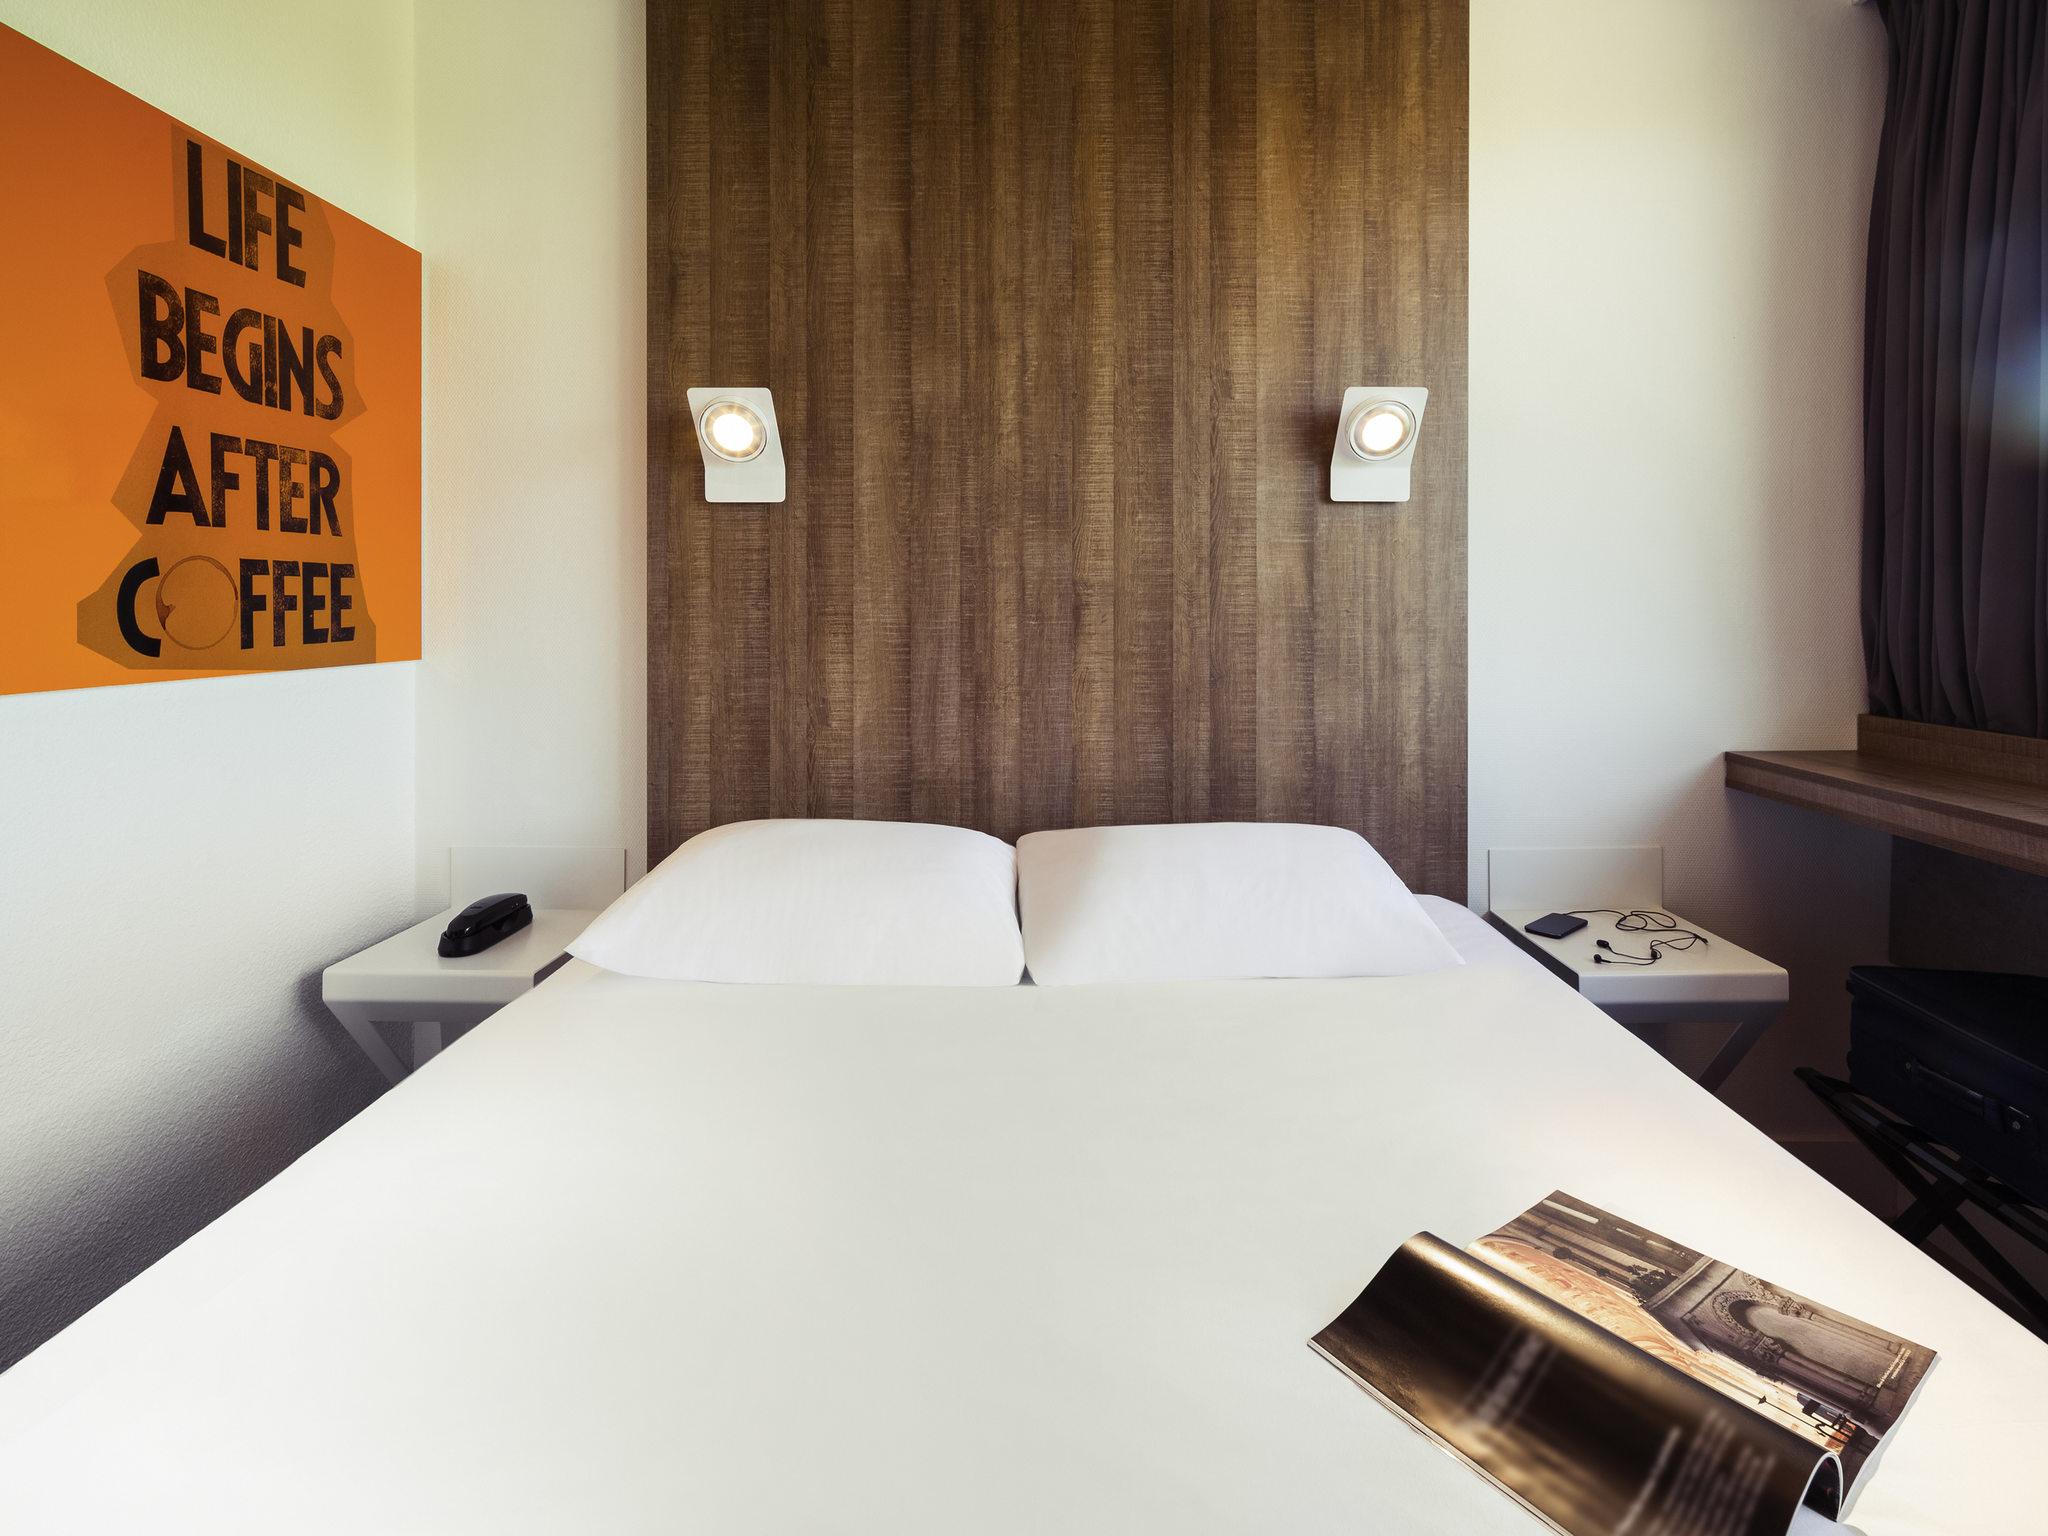 Hotel in VOUILLE ibis Styles Niort Poitou Charentes